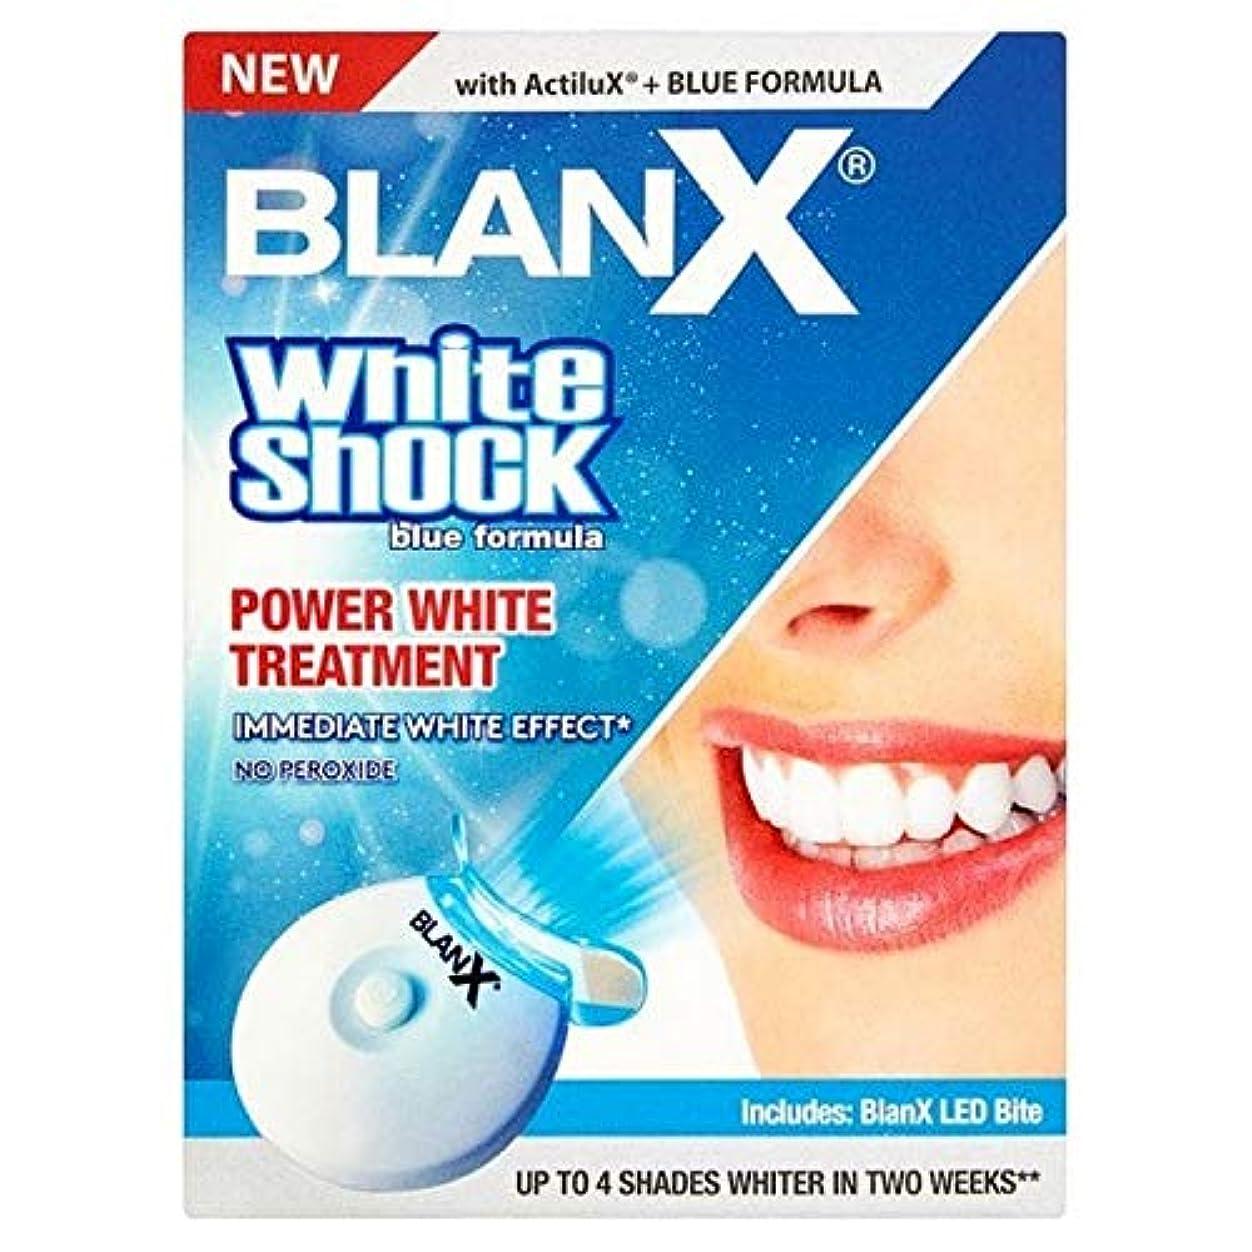 仮説印象的ロケット[Blanx] Blanx白ショック処理50ミリリットル - BlanX White Shock Treatment 50ml [並行輸入品]